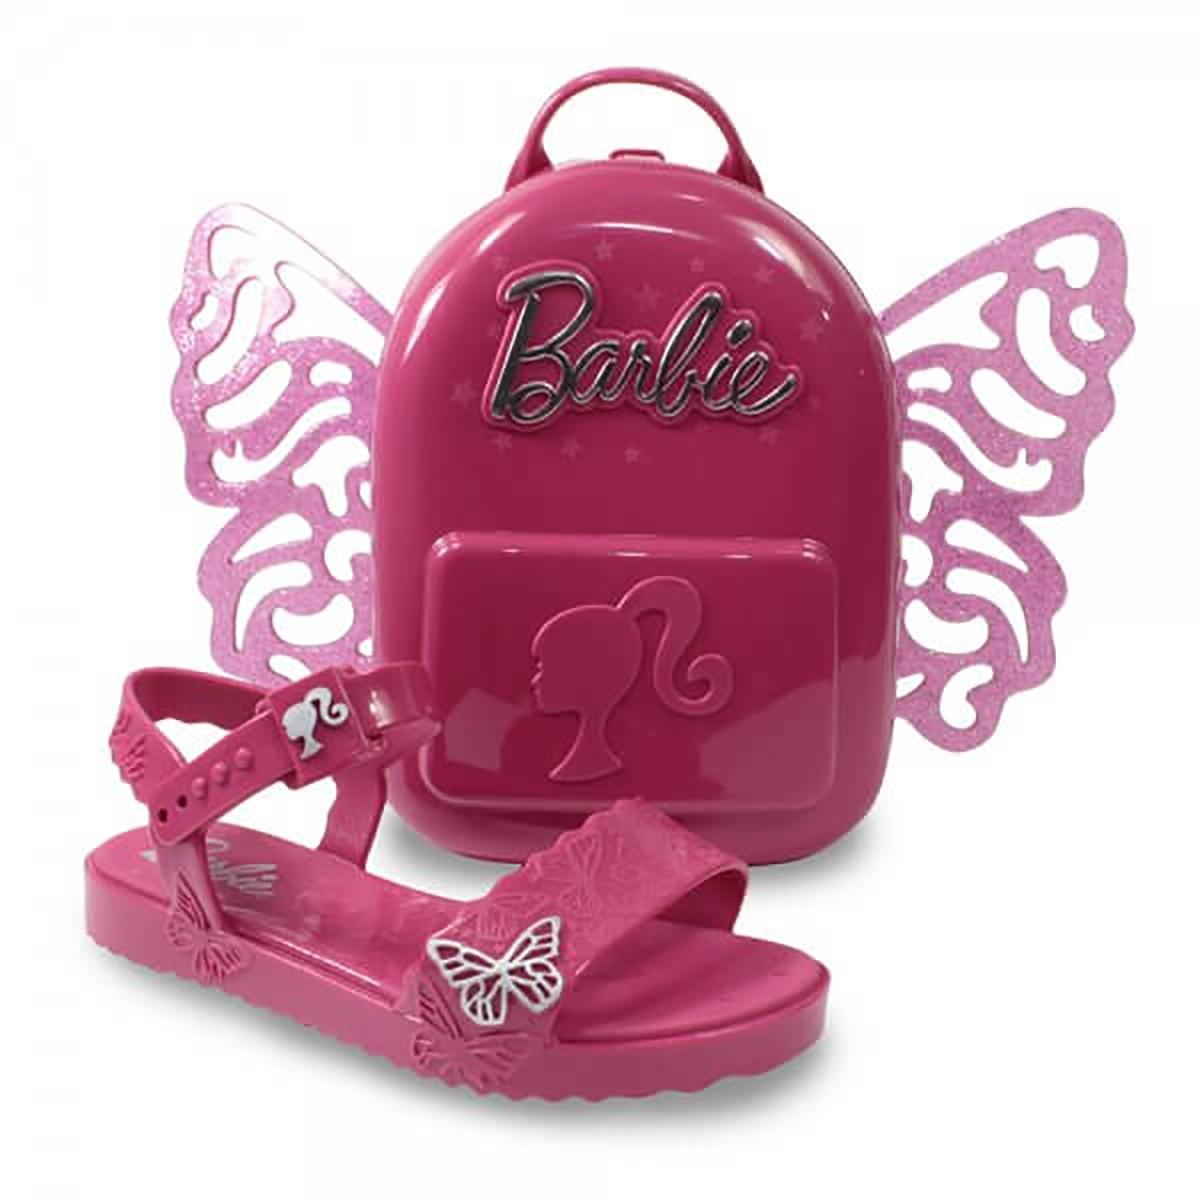 Sandalia Grendene Barbie Butterfly Bolsa Brinde